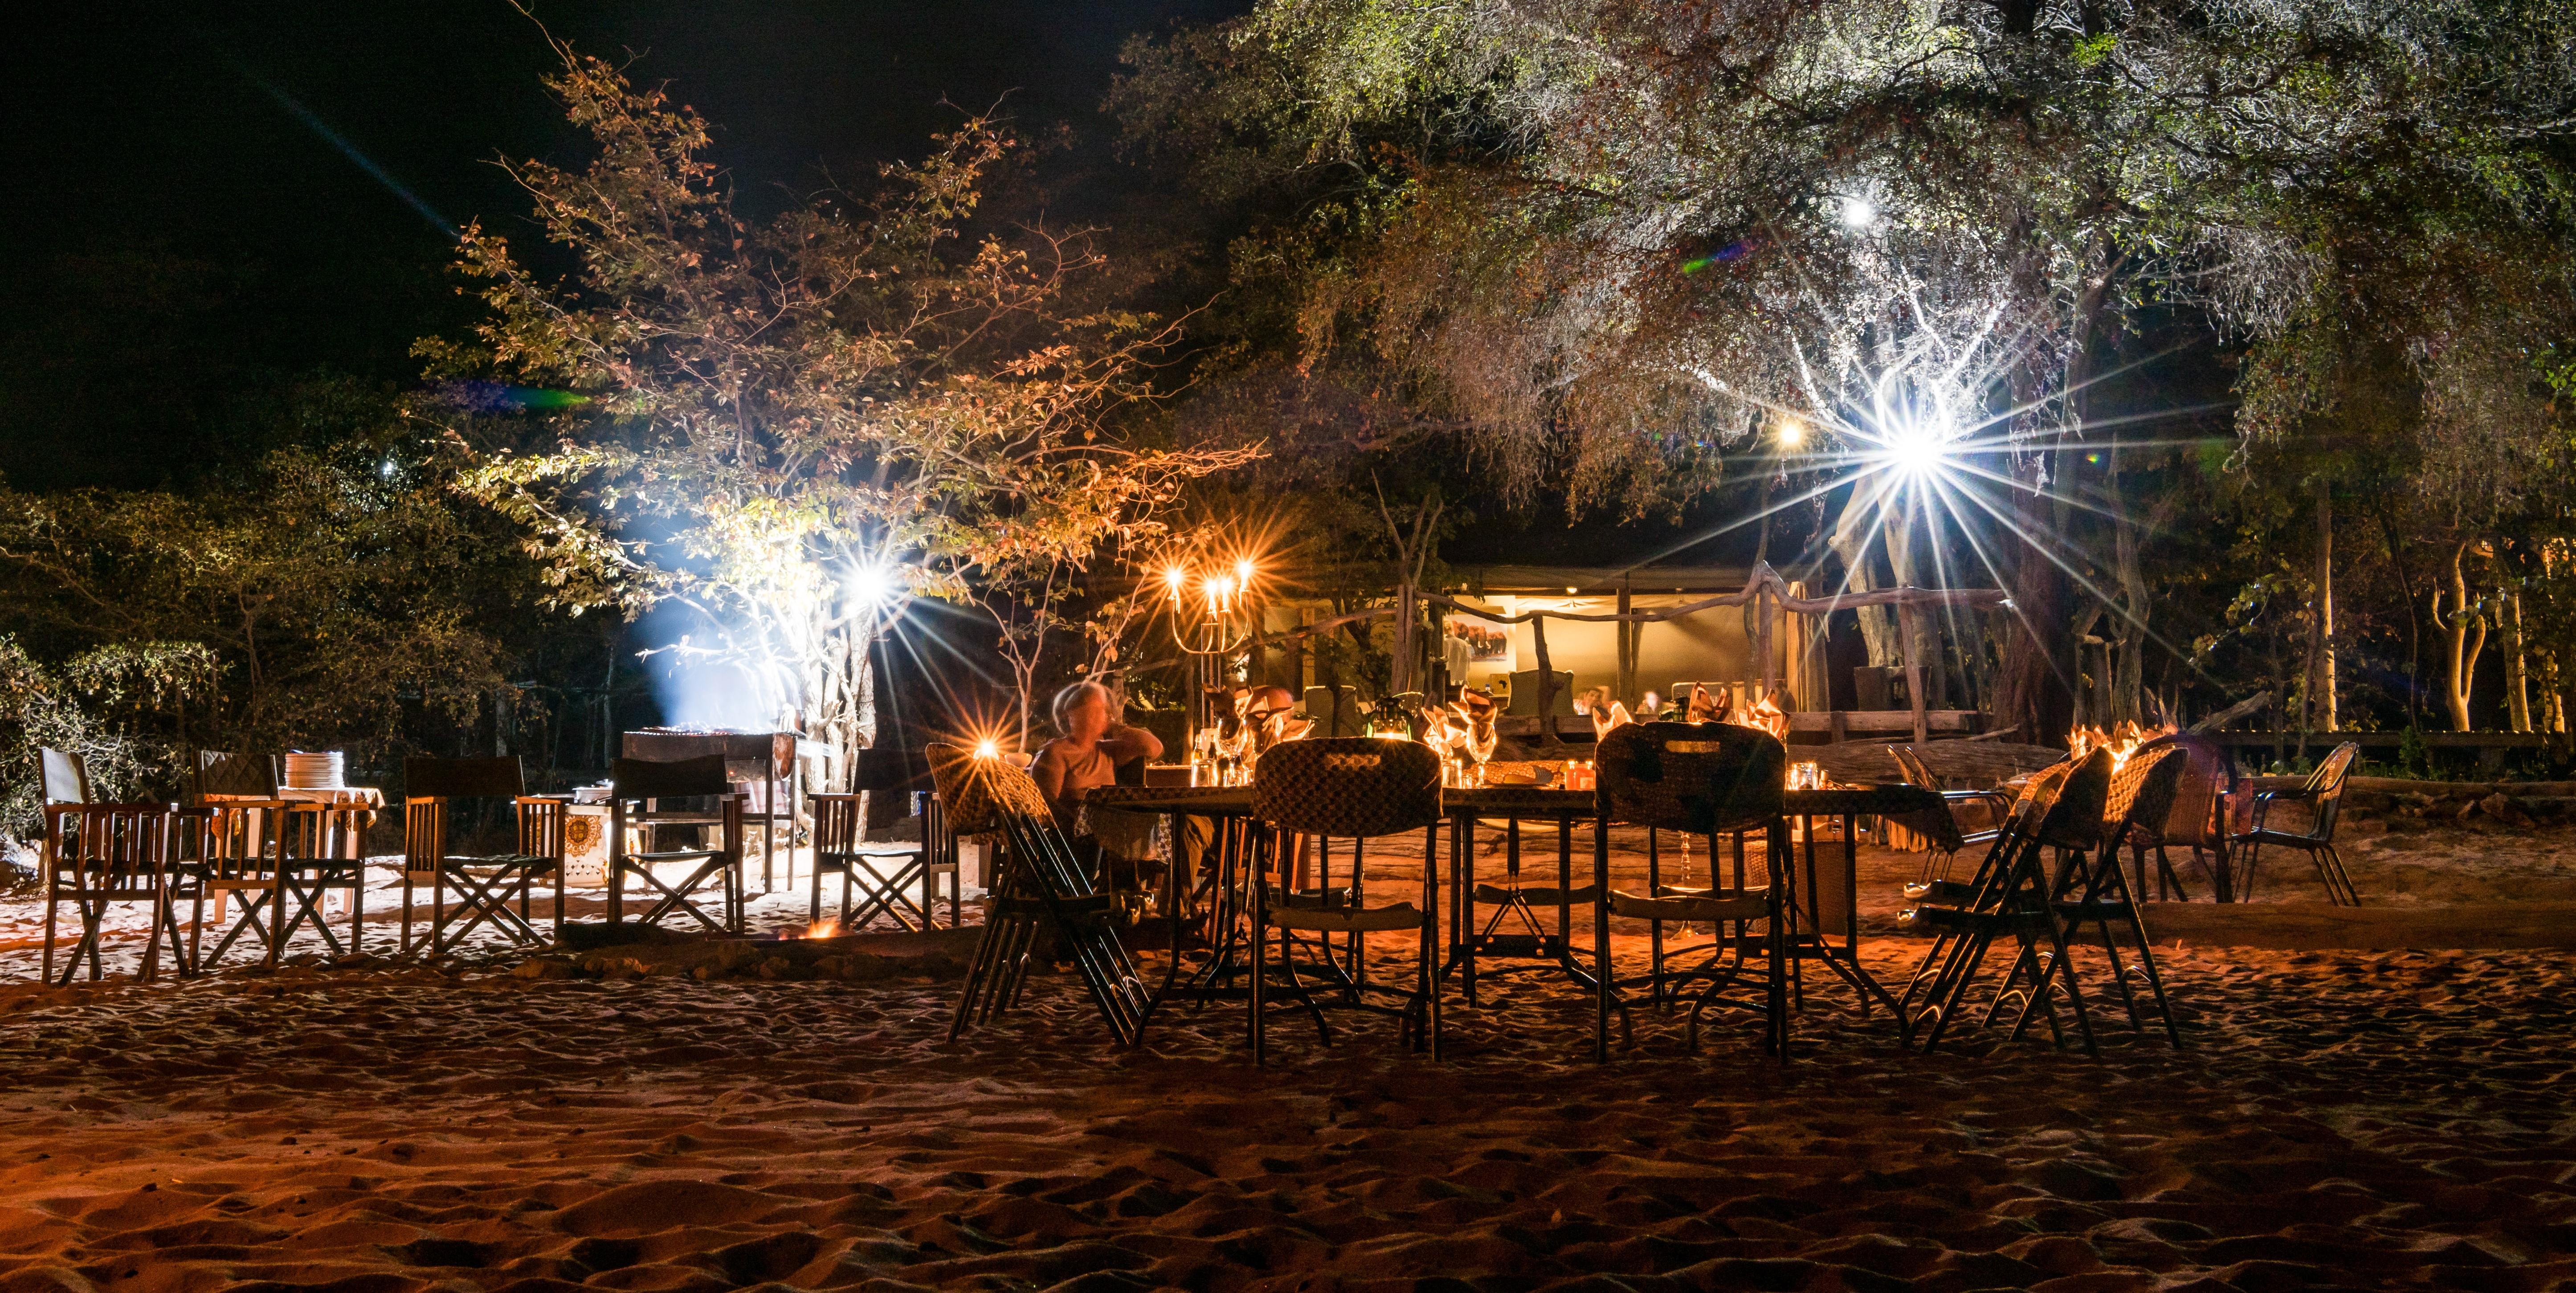 changa-safari-camp-fireside-stories